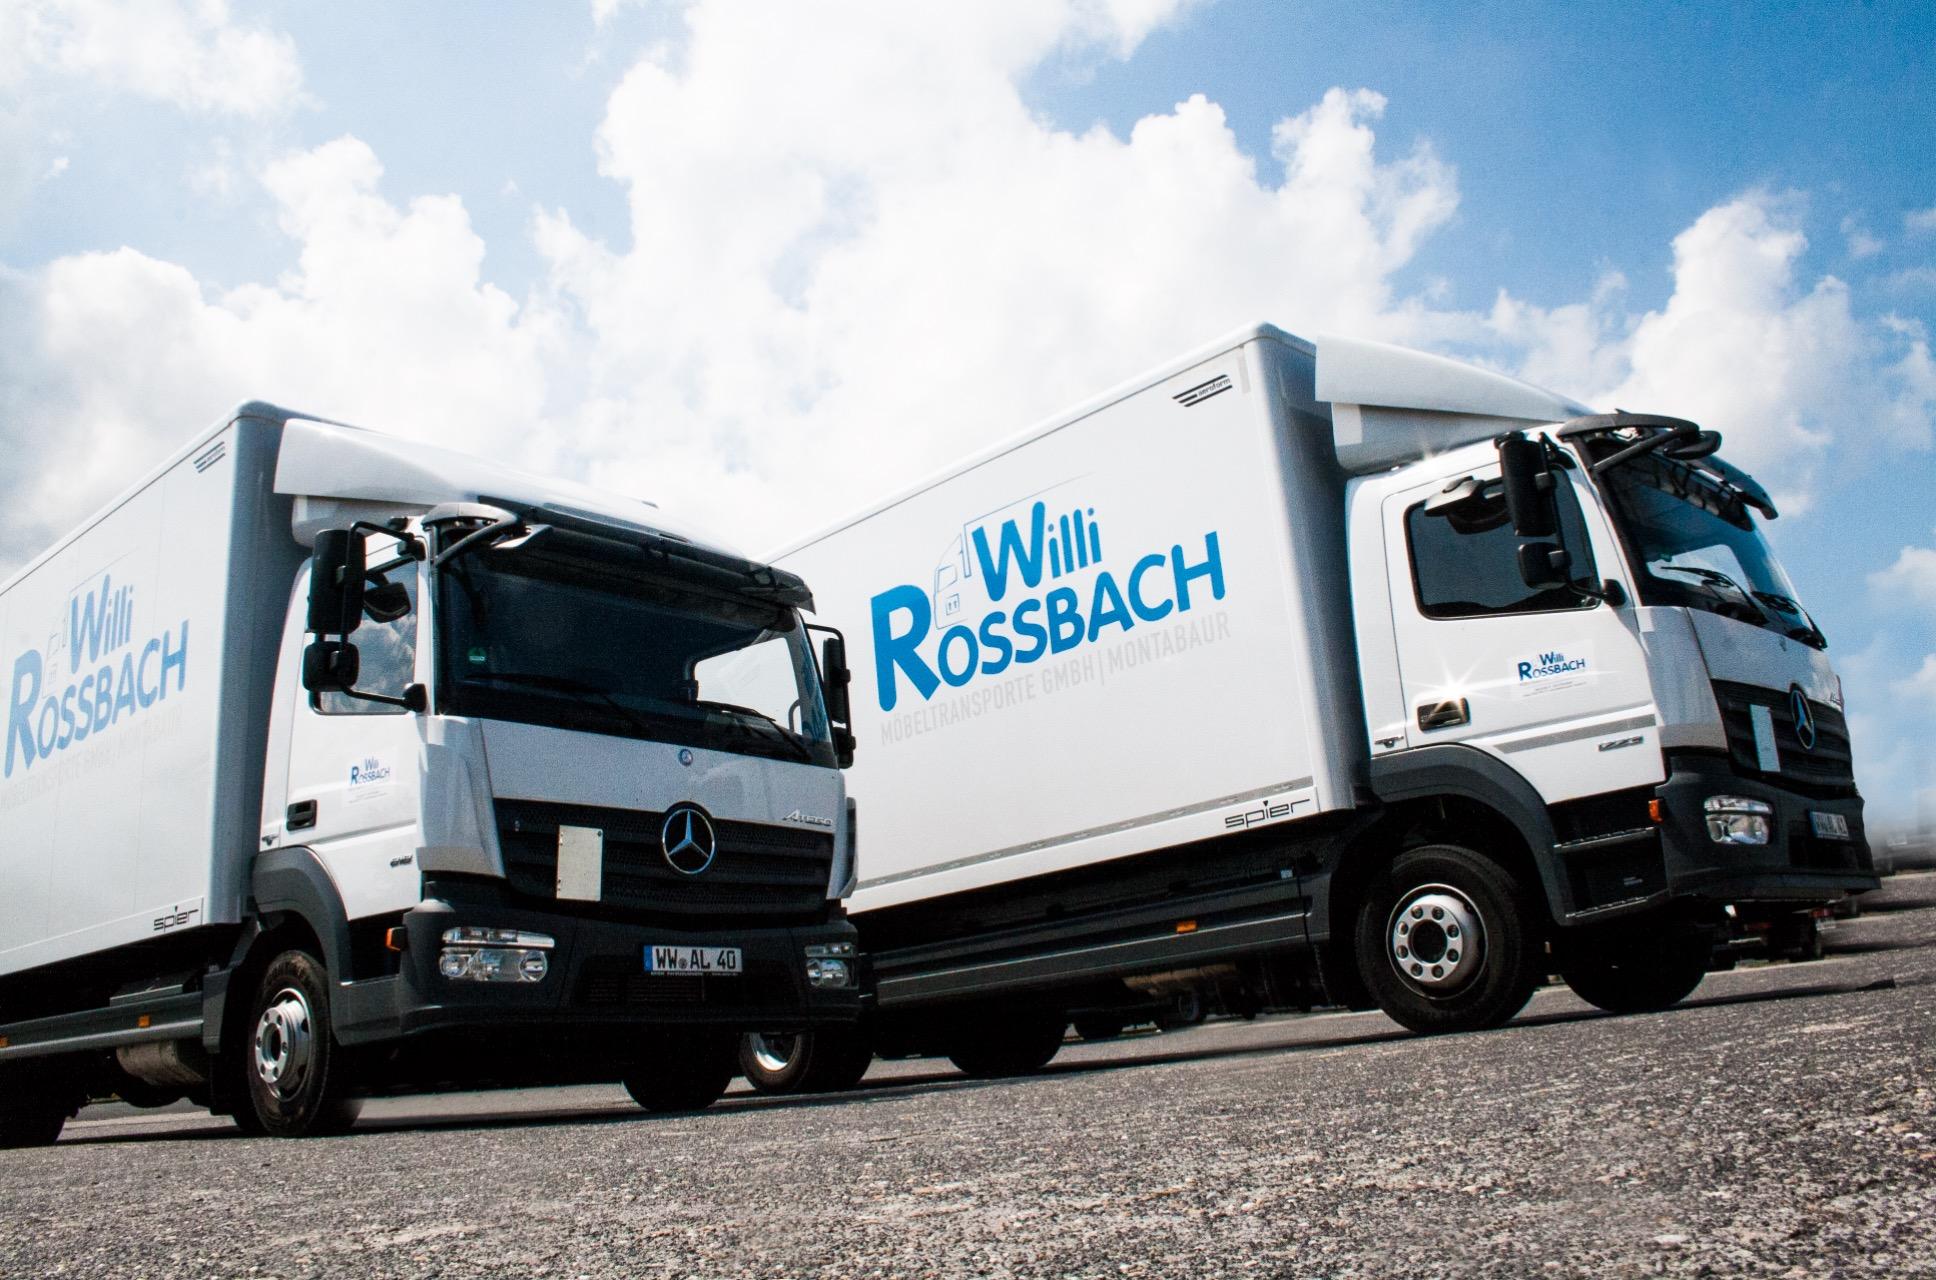 Leistungen - Willi Rossbach Moebeltransporte GmbH